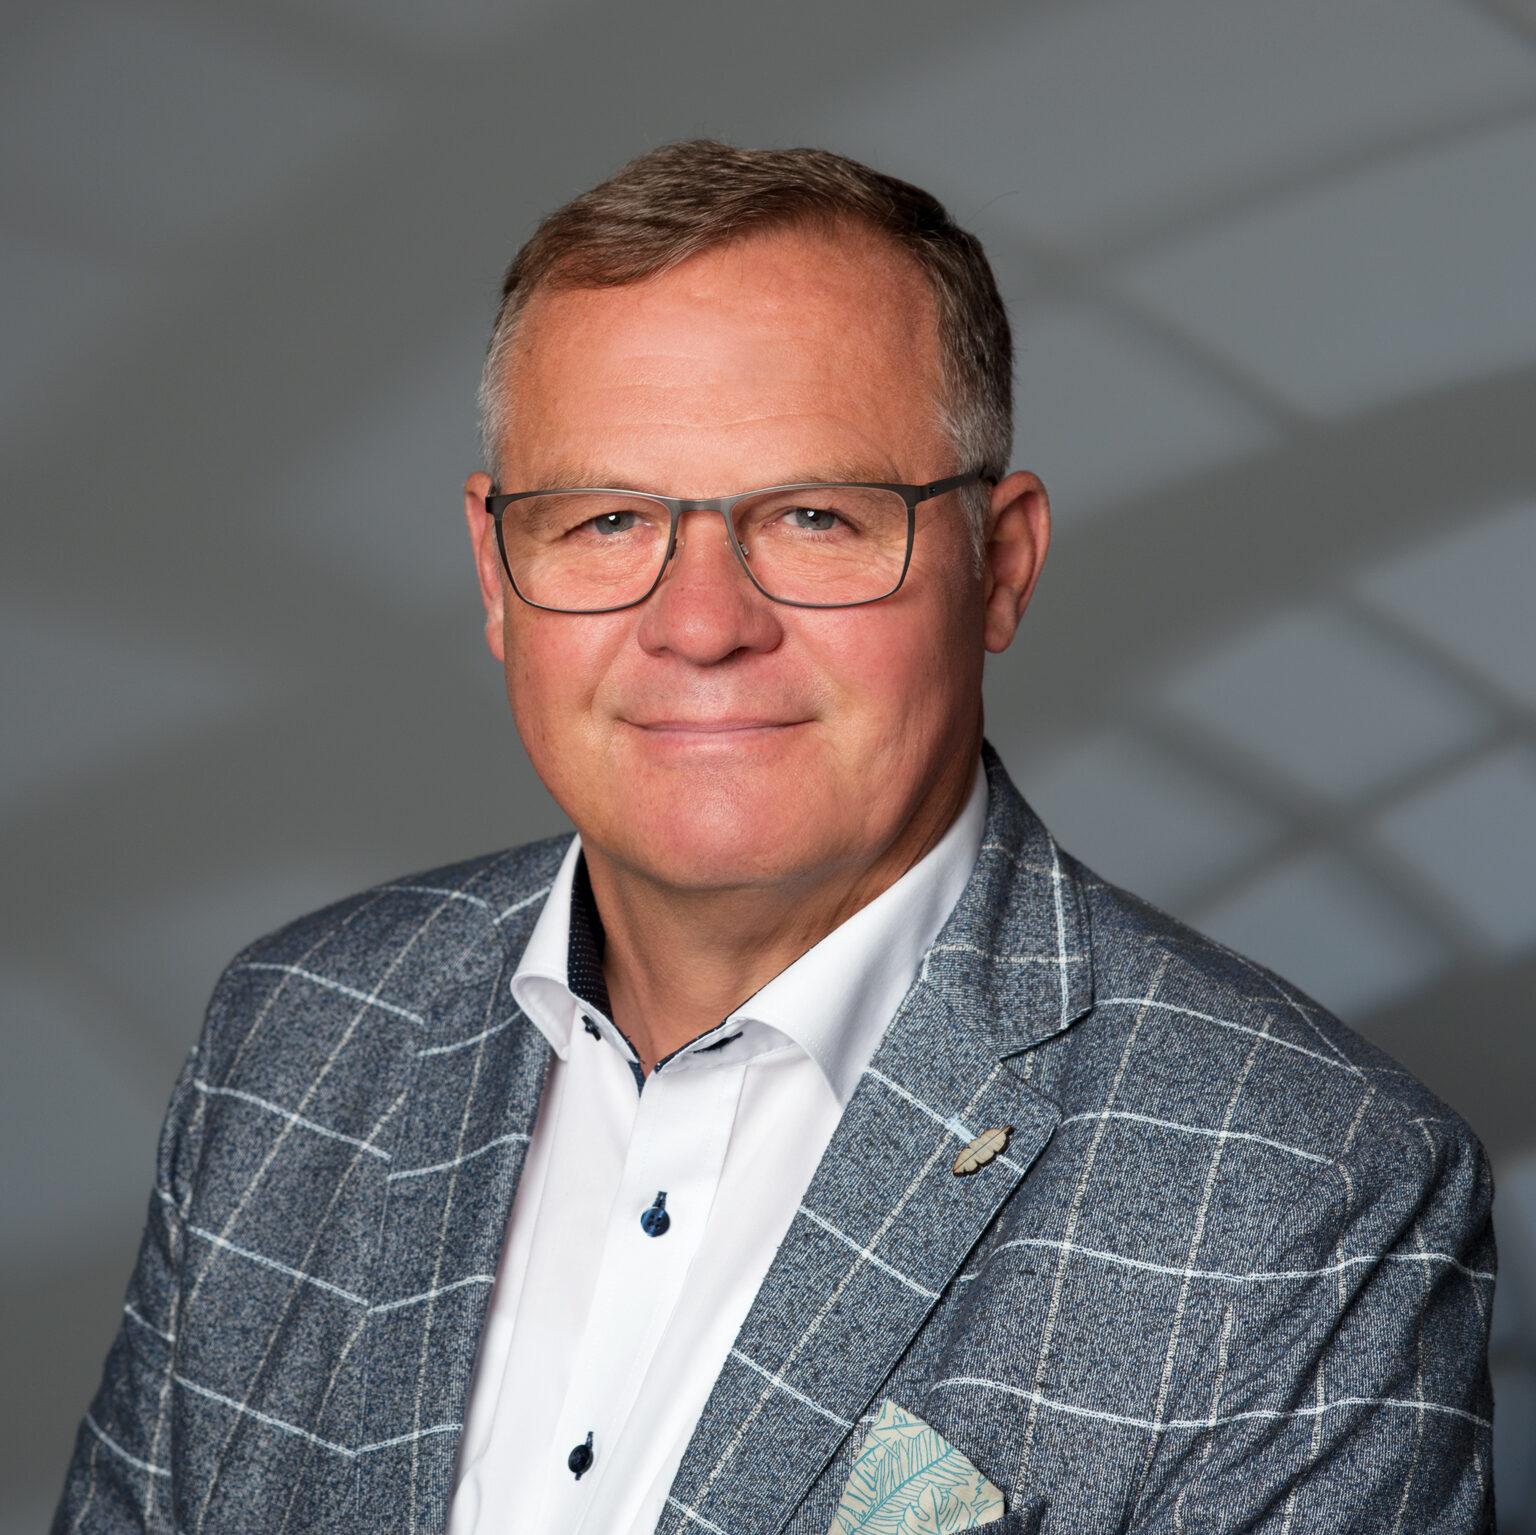 Heinrich Krüger